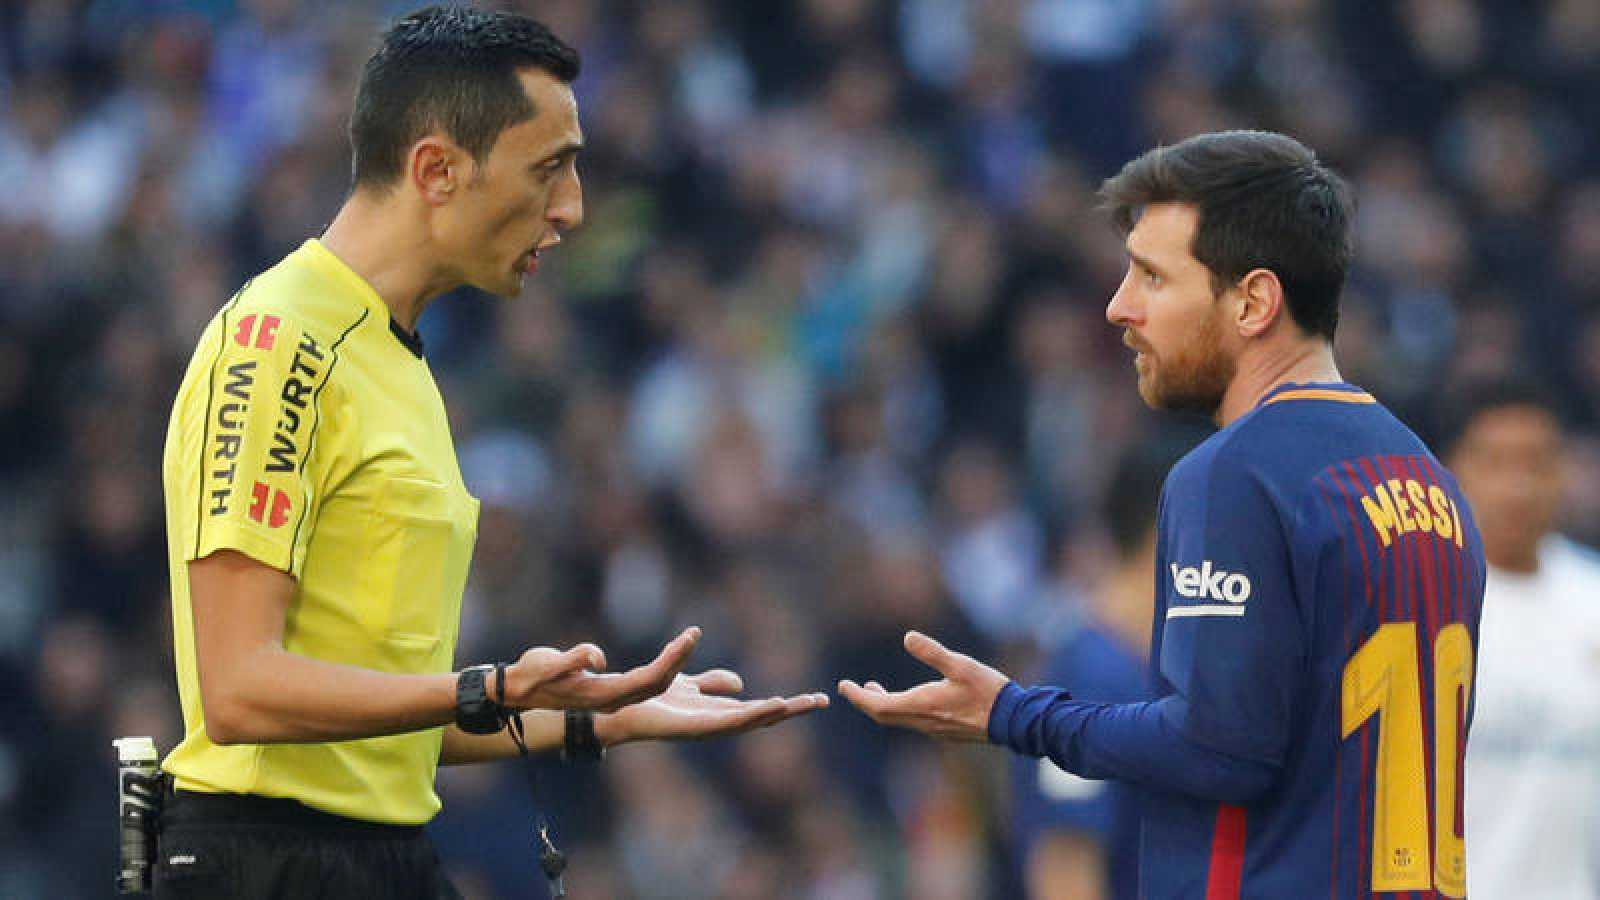 El árbitro José Sánchez Martínez conversa con Leo Messi -gran ausencia del próximo Clásico- en el Madrid - Barça del pasado 23 de diciembre.